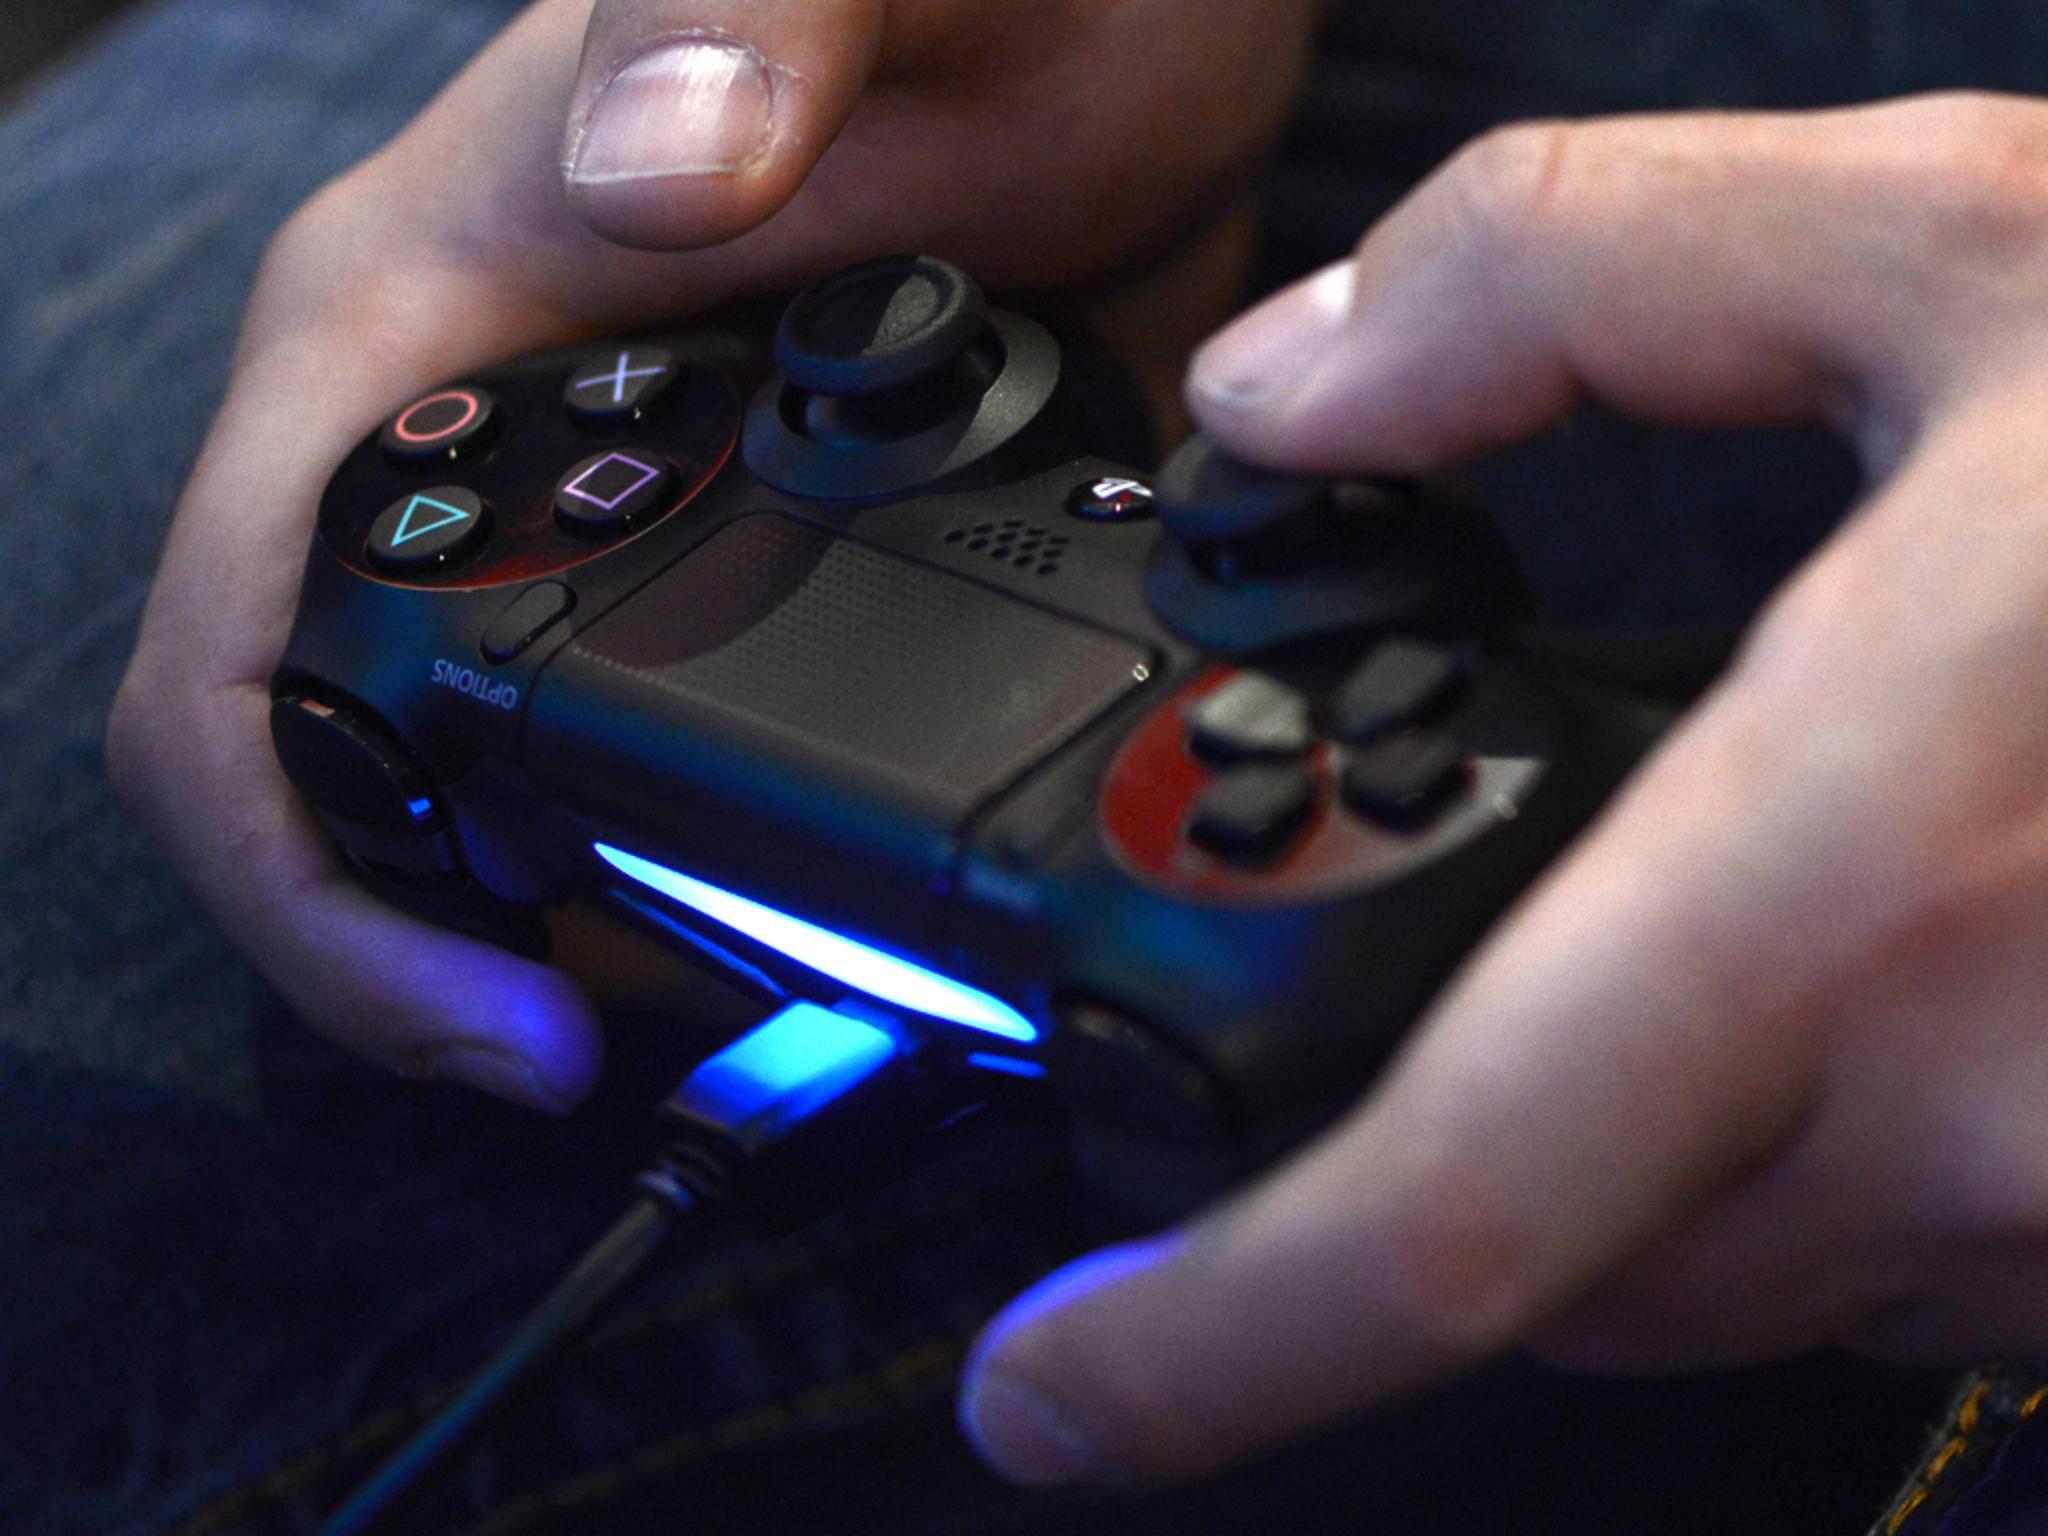 Die LED-Leuchte des PS4-Controllers saugt auch am Akku.